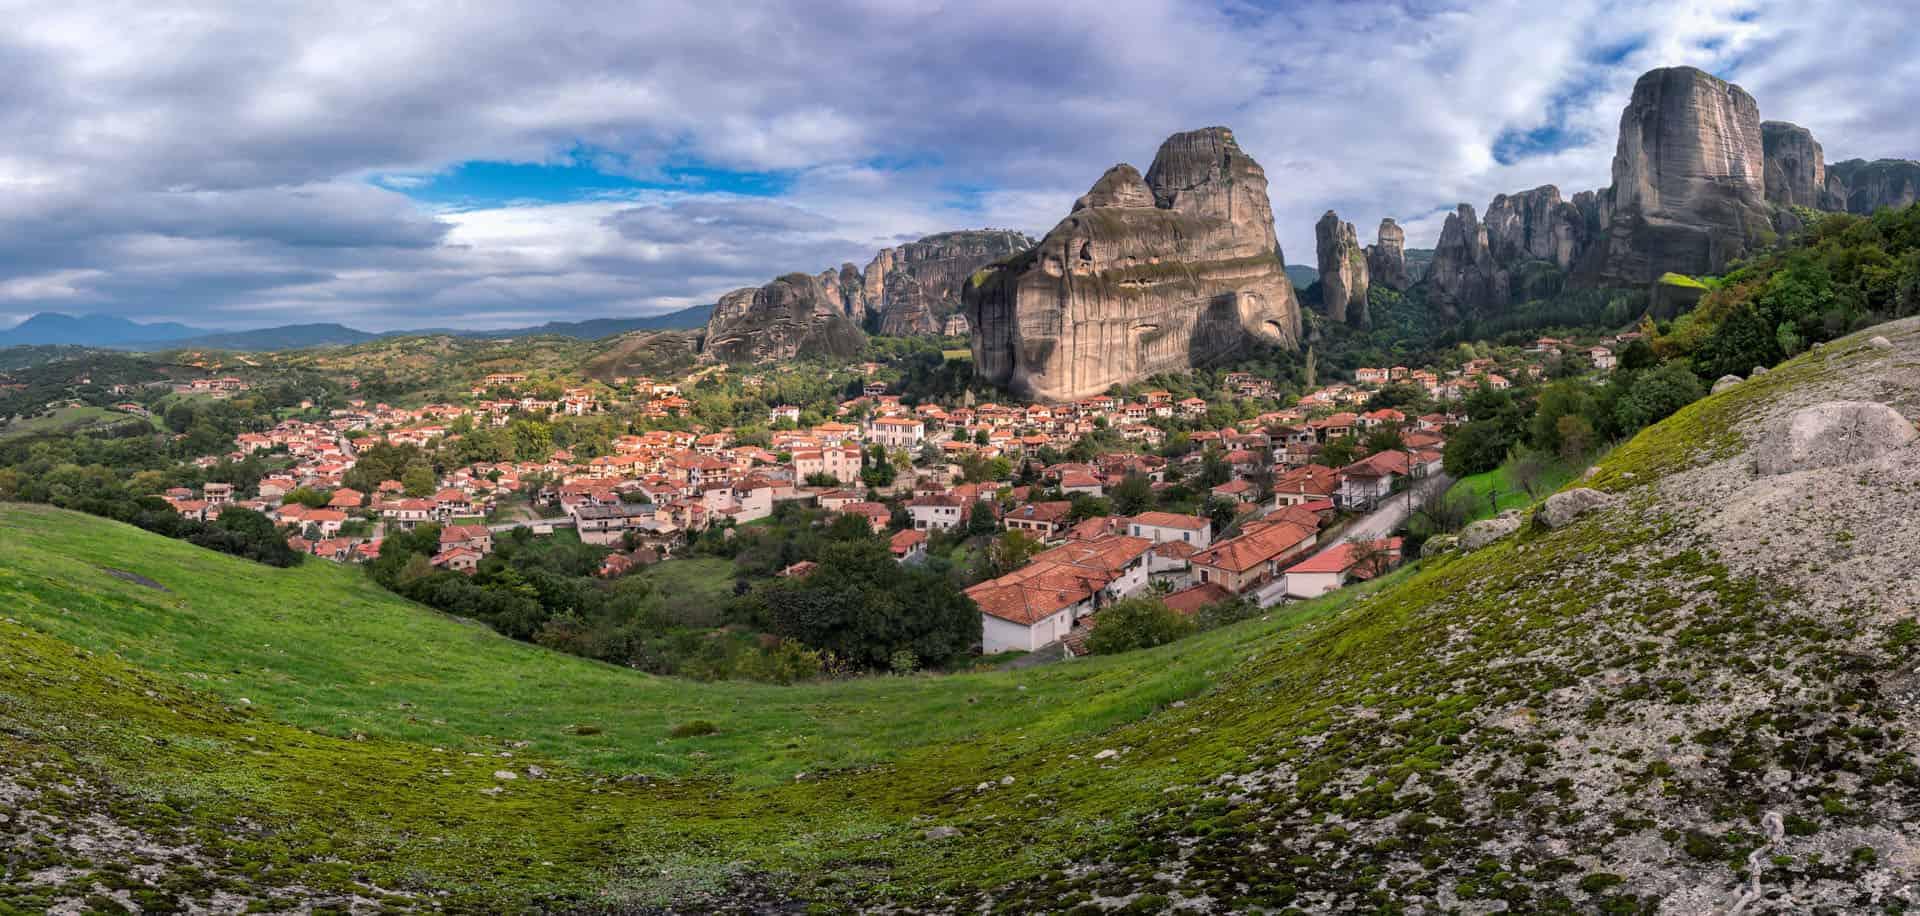 monasteries overlooling teh city of Kalabaka in meteora